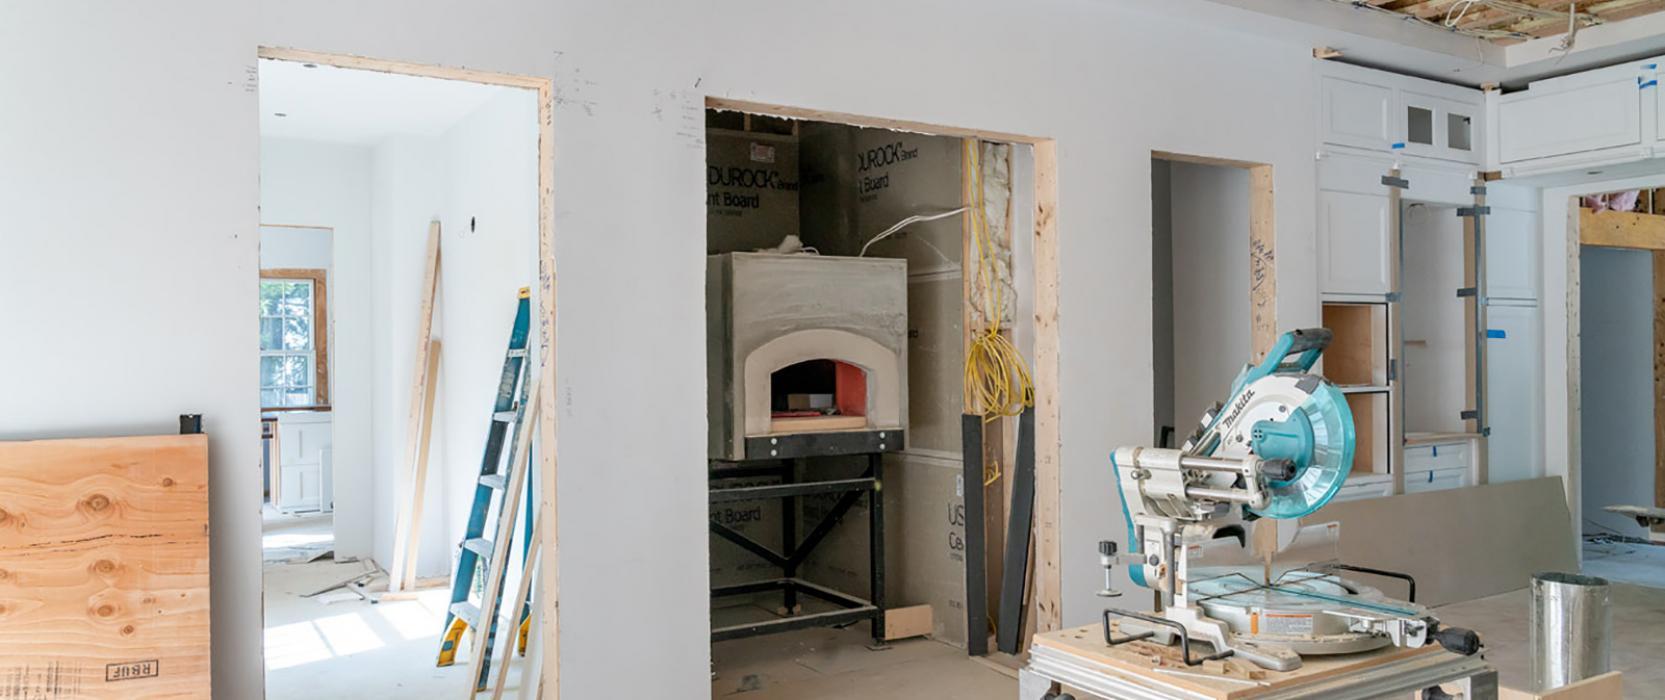 Mugnaini pizza oven installation